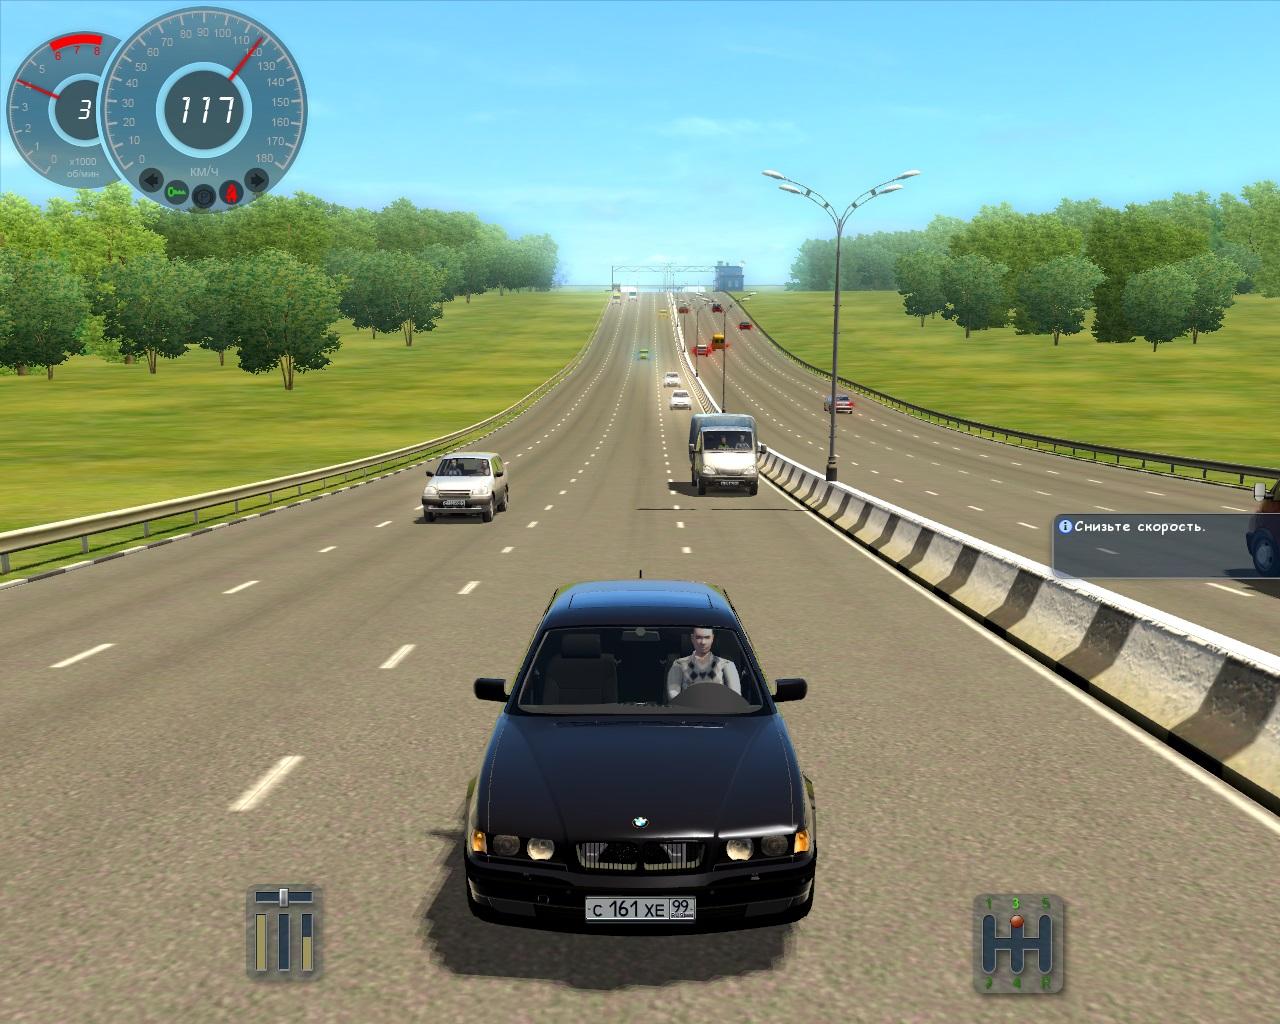 Скачать симулятор вождения автомобиля украина